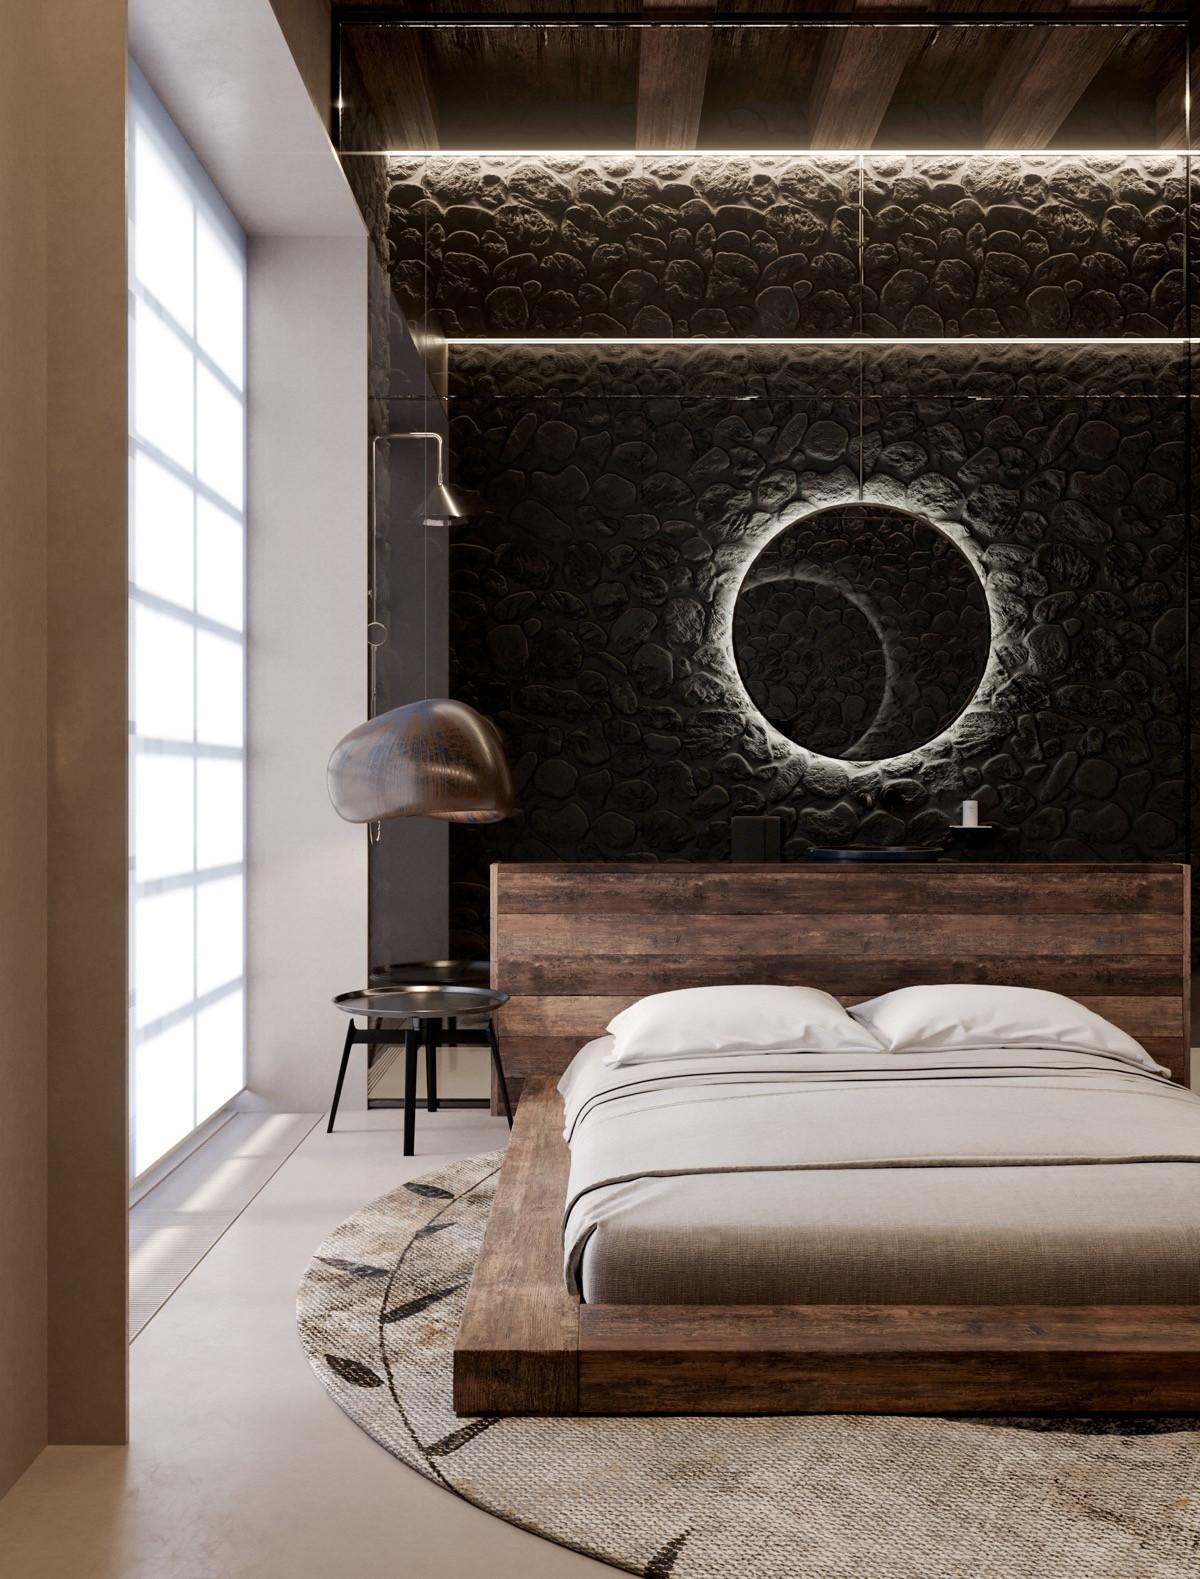 Nếu màu đen gây cảm giác choáng ngợp thì hãy cân nhắc thiết kế một bức tường có họa tiết, đừng quên bổ sung thêm ánh sáng nhé!